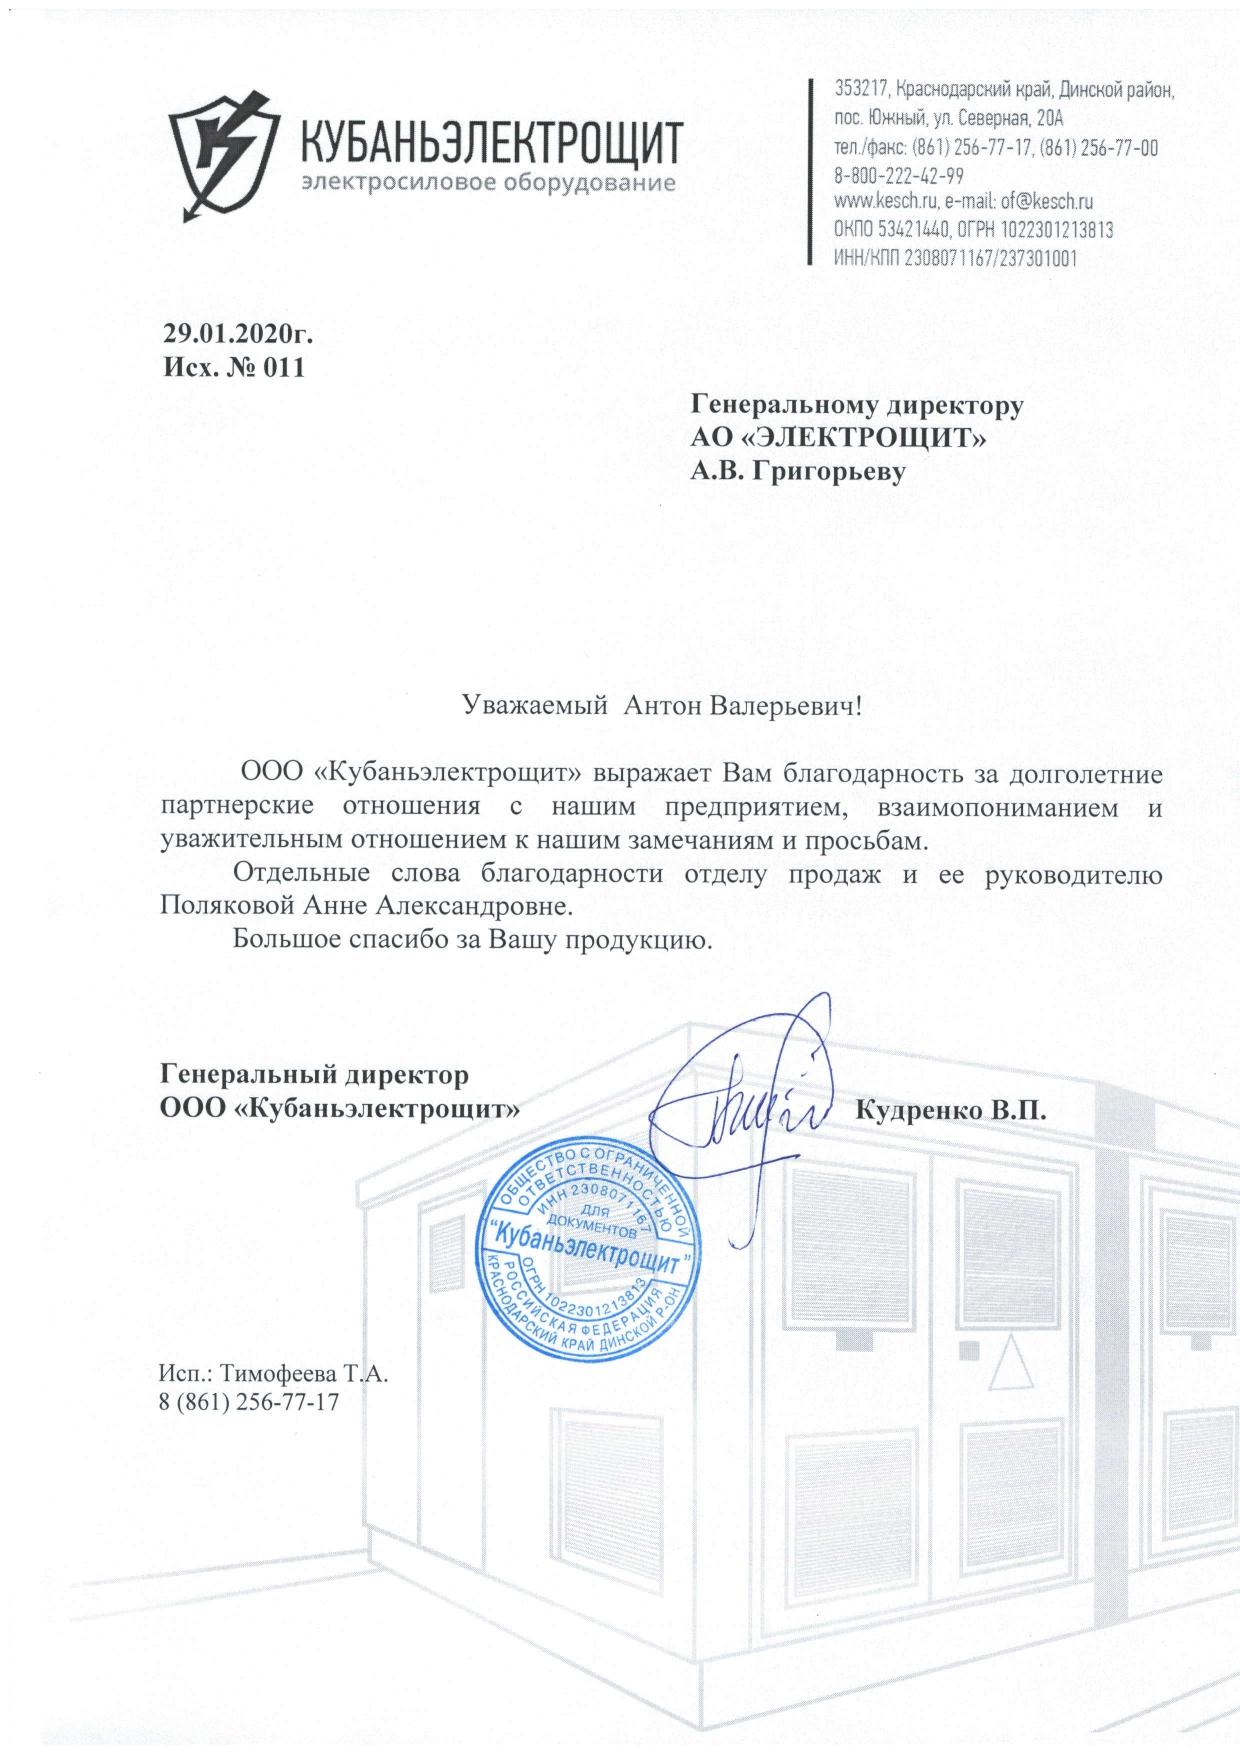 Письмо 011 Кубаньэлектрощит_page-0001